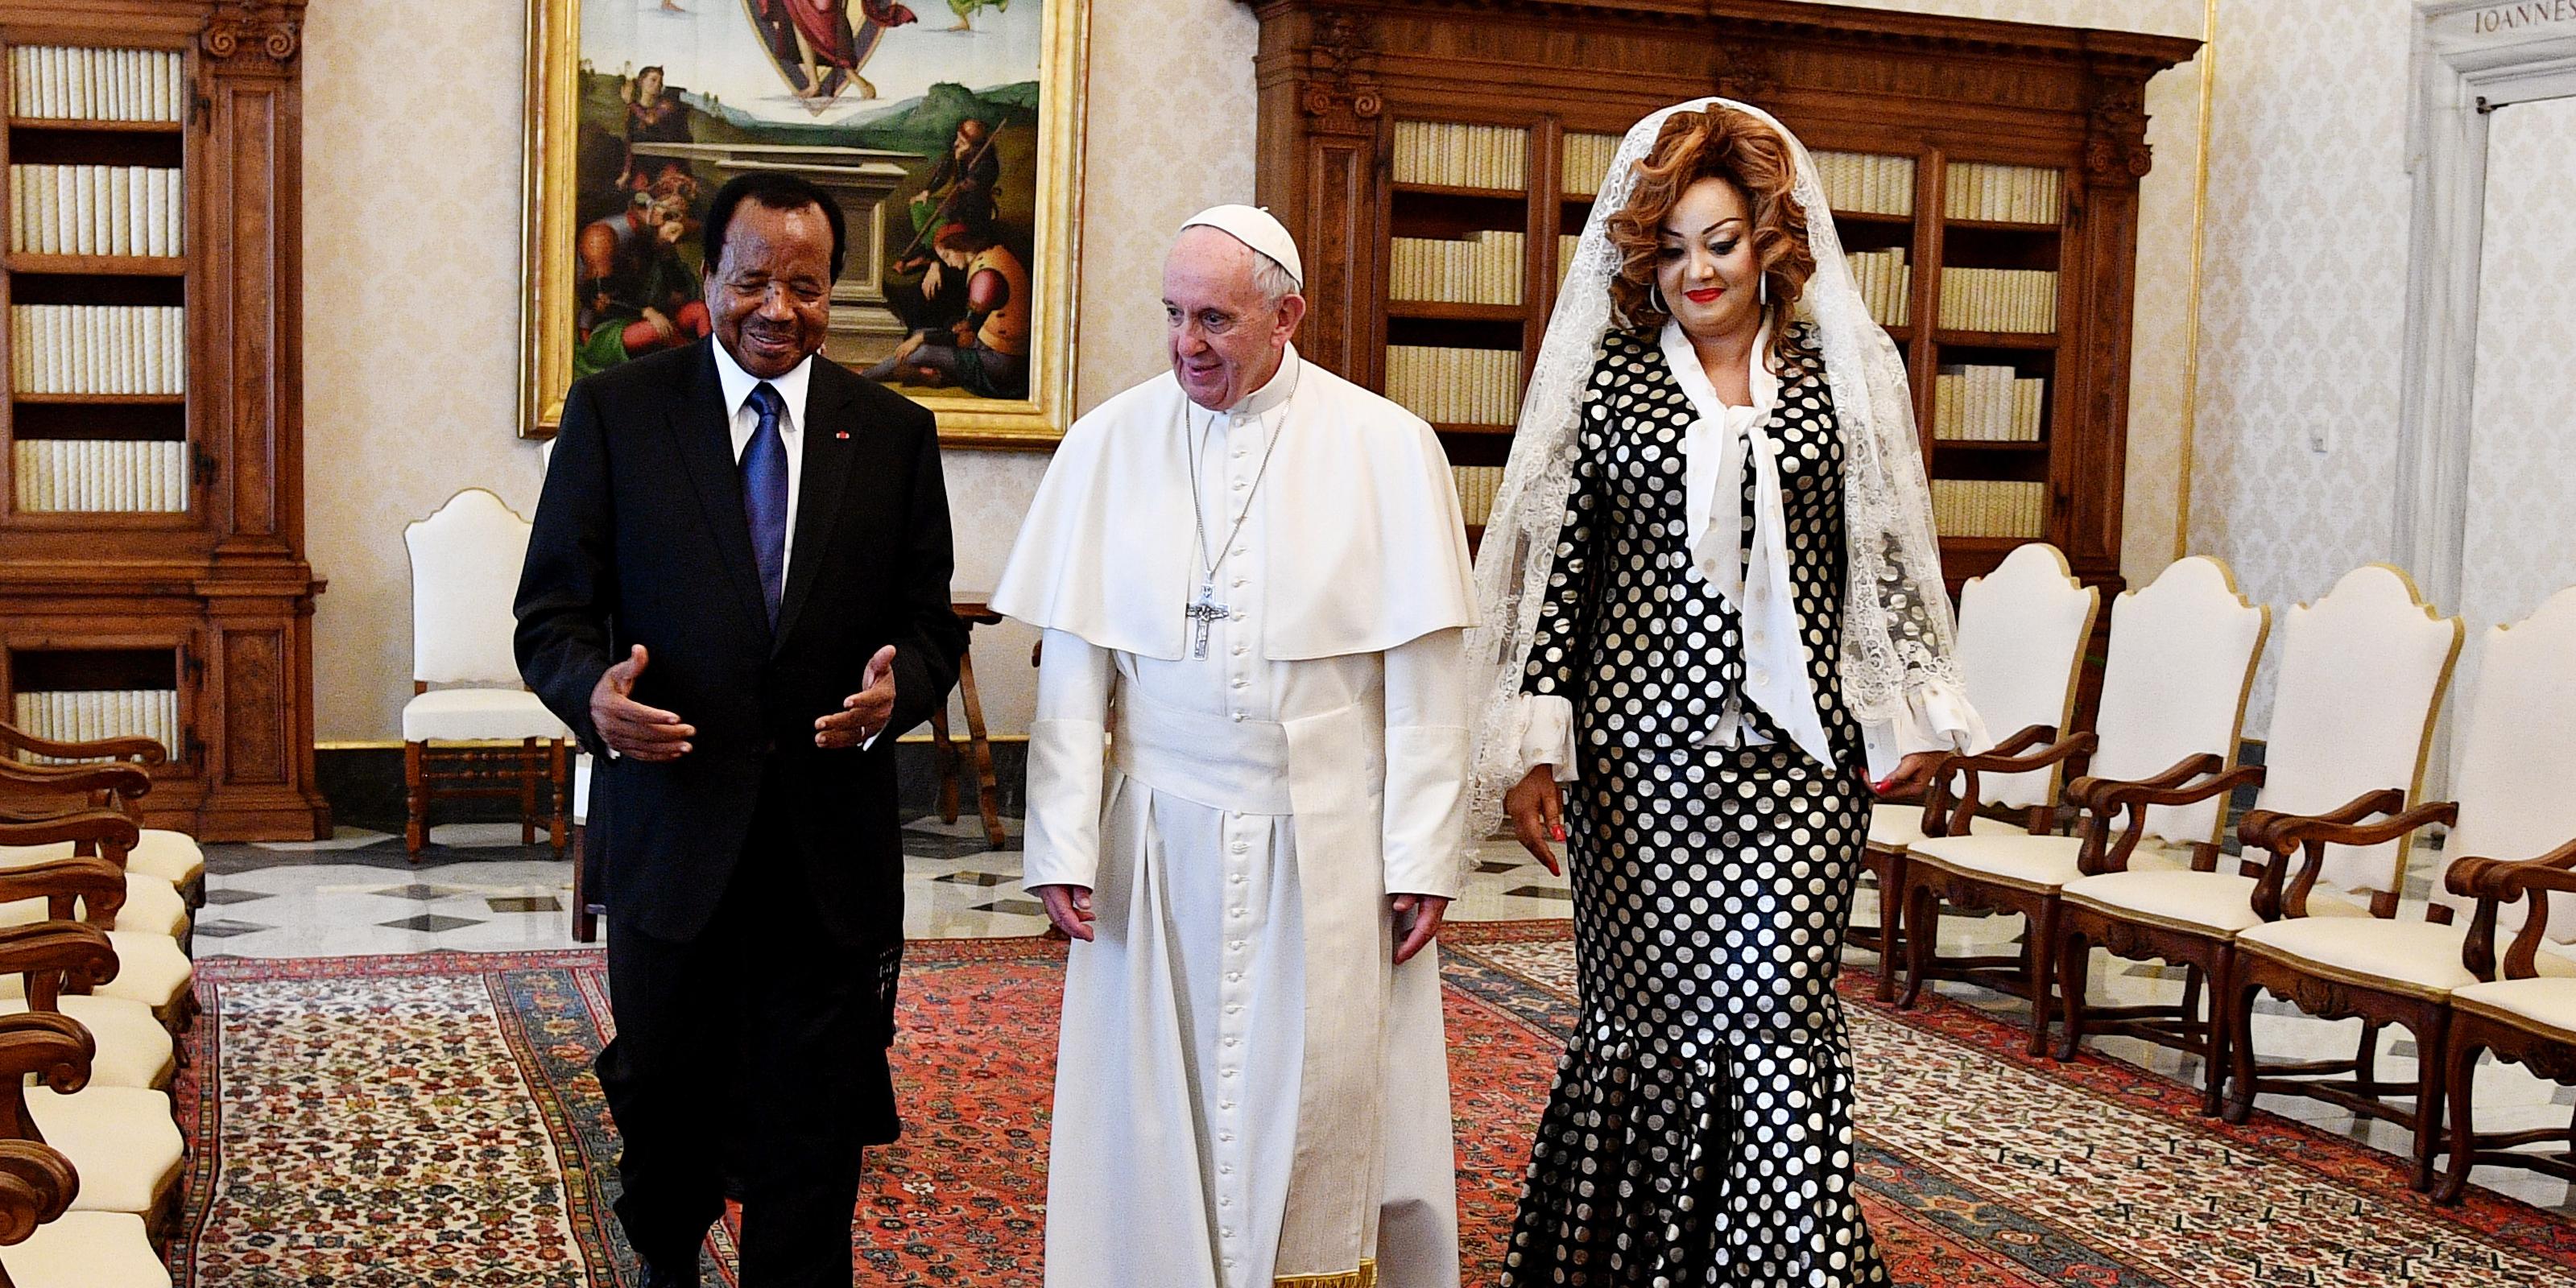 Papież Franciszek w towarzystwie prezydenta Kamerunu